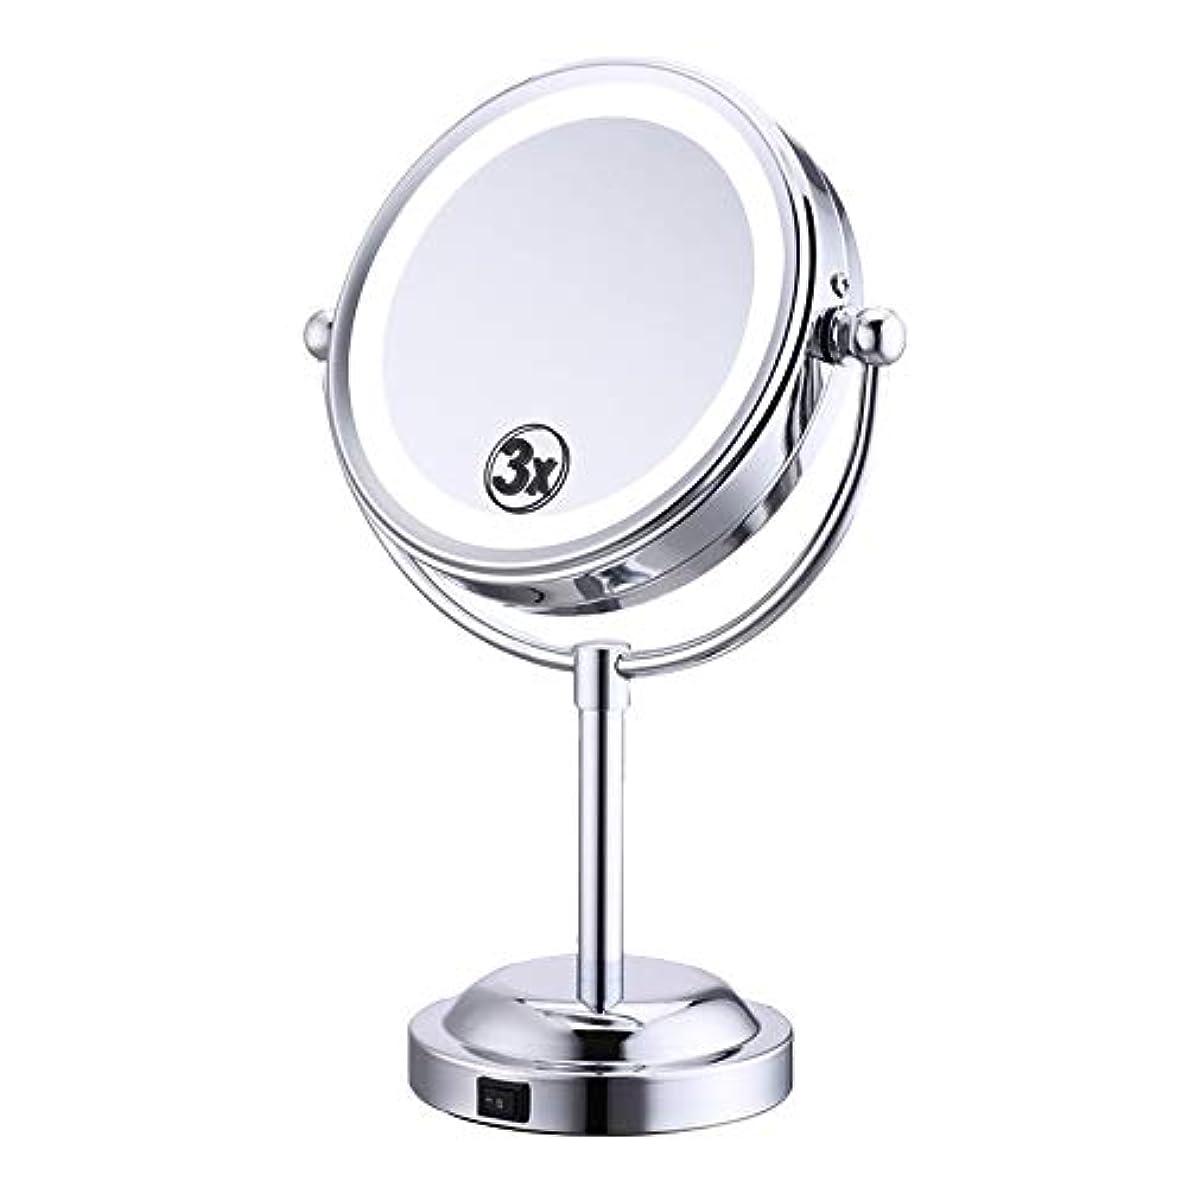 告発者模倣オーラル化粧鏡 3倍 拡大鏡 LED ライト付き 拡大+等倍 両面鏡 スタンドミラー 卓上 メイクミラー 360度回転 卓上ミラー 浴室鏡 女優ミラー 真実の鏡